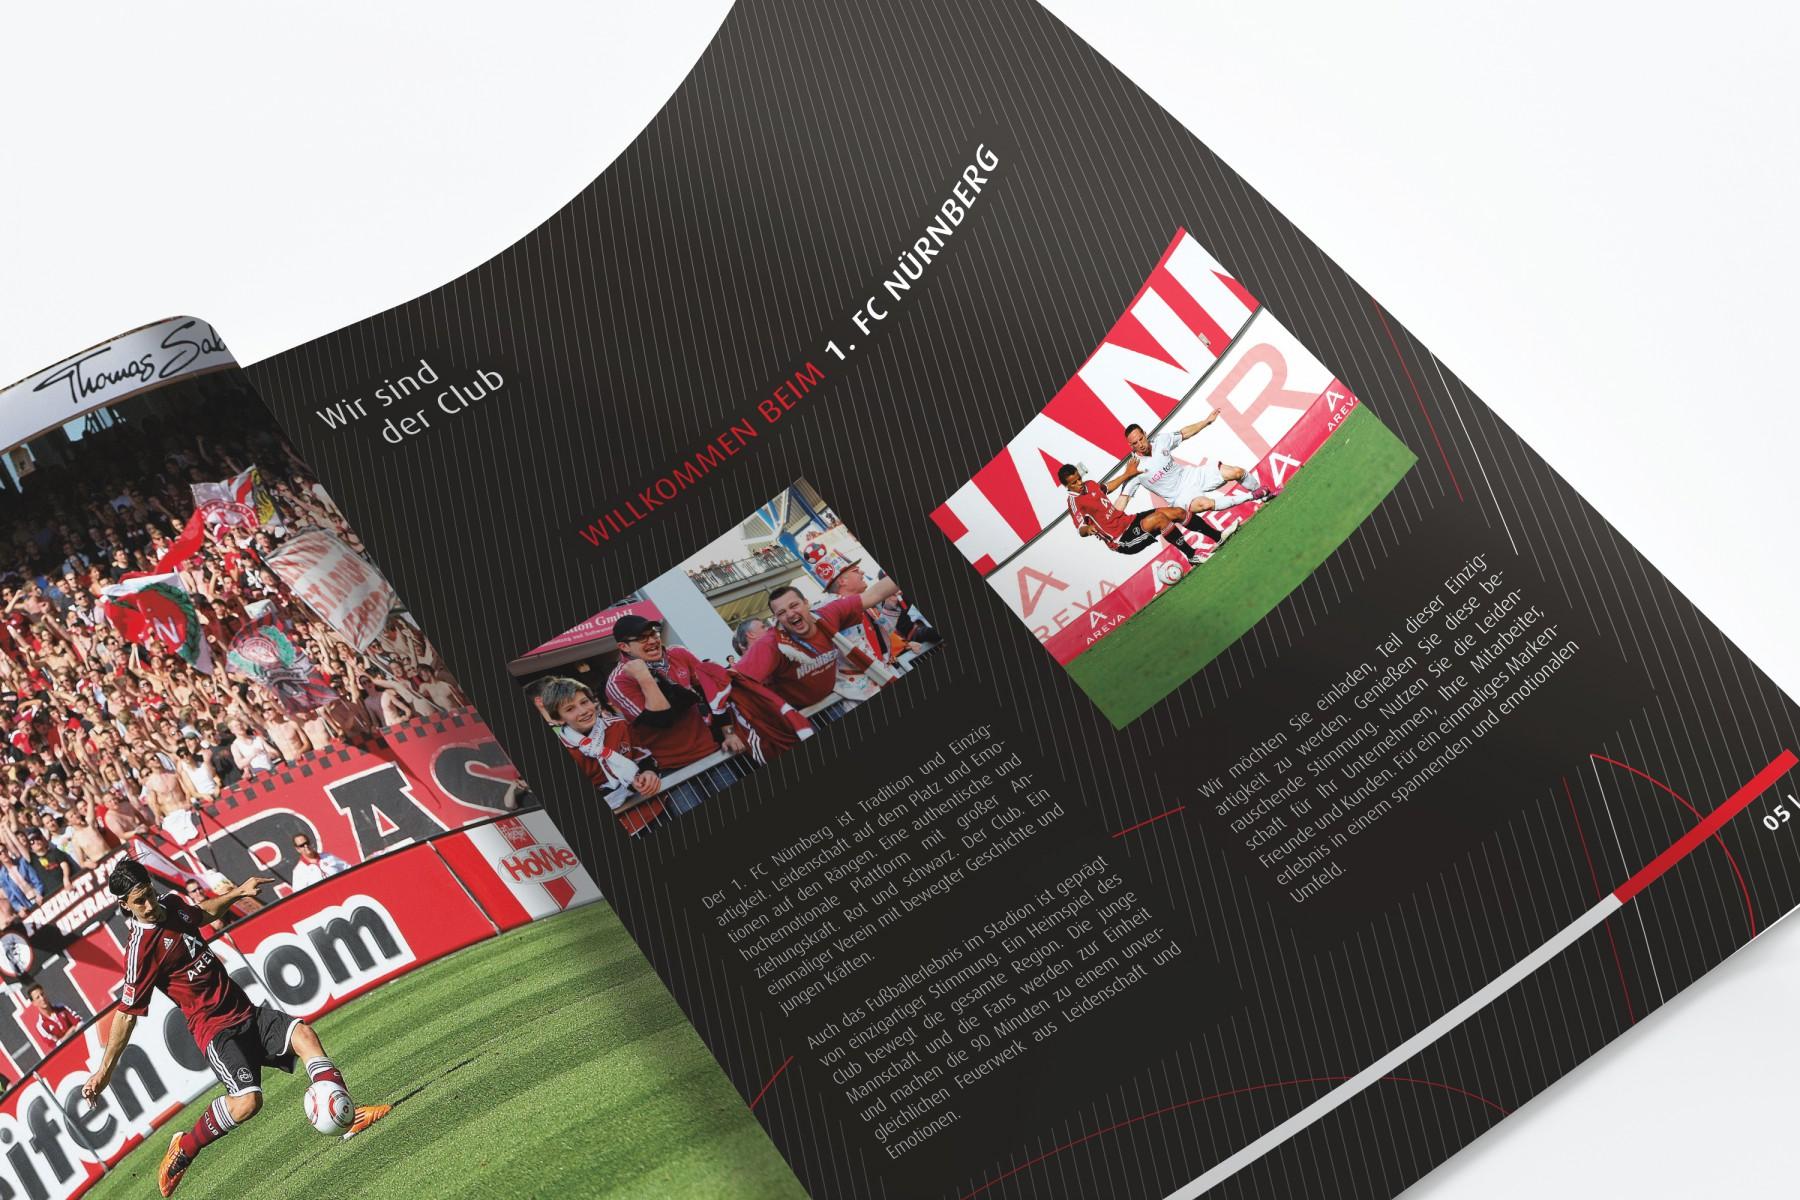 Hospitality-Broschüre 1. FC Nürnberg/SPORTFIVE